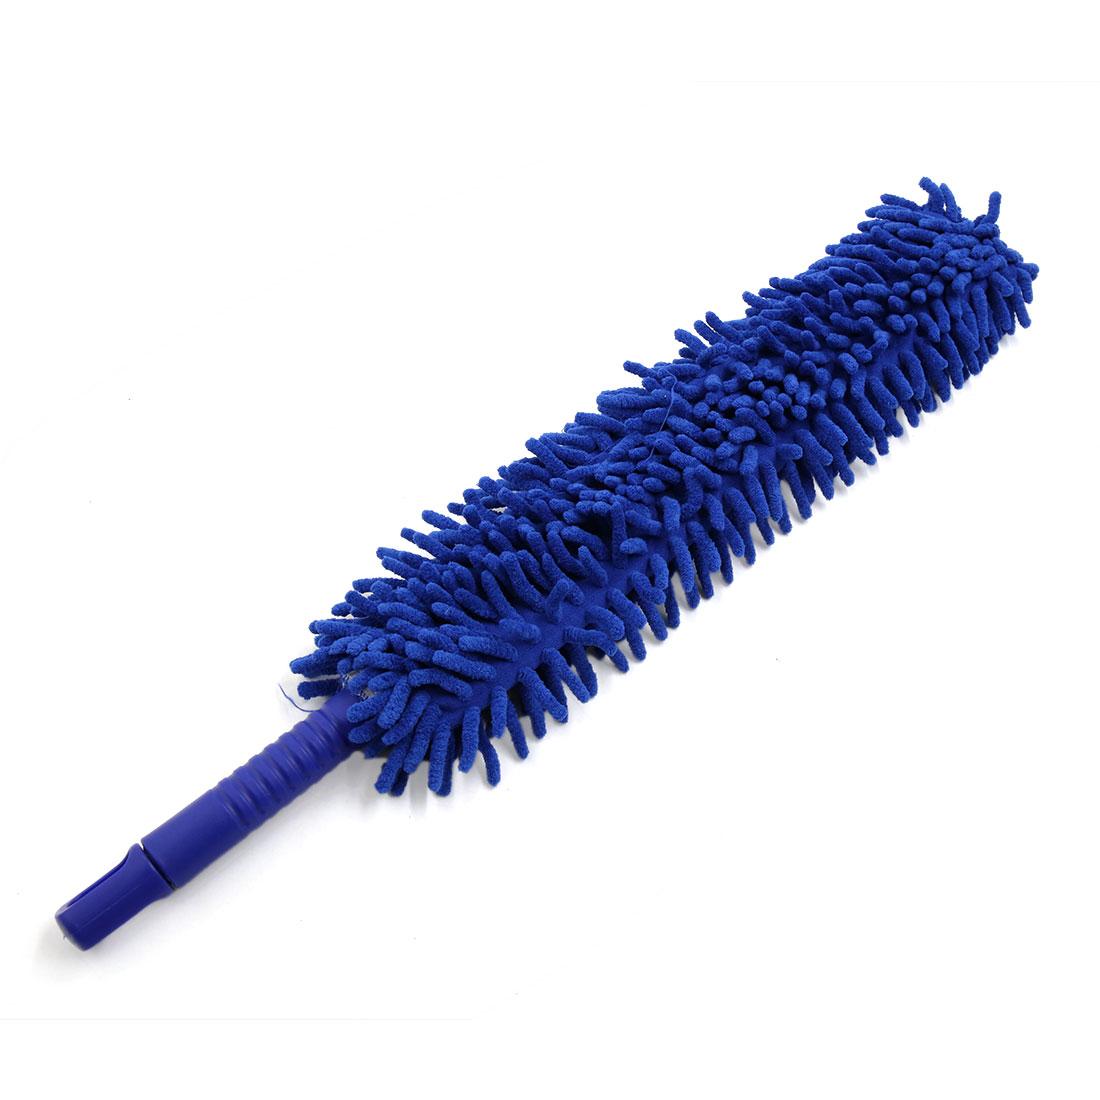 Poignée en plastique bleu en microfibre Chenille nettoyage voiture Duster brosse traitées Cire - image 1 de 3